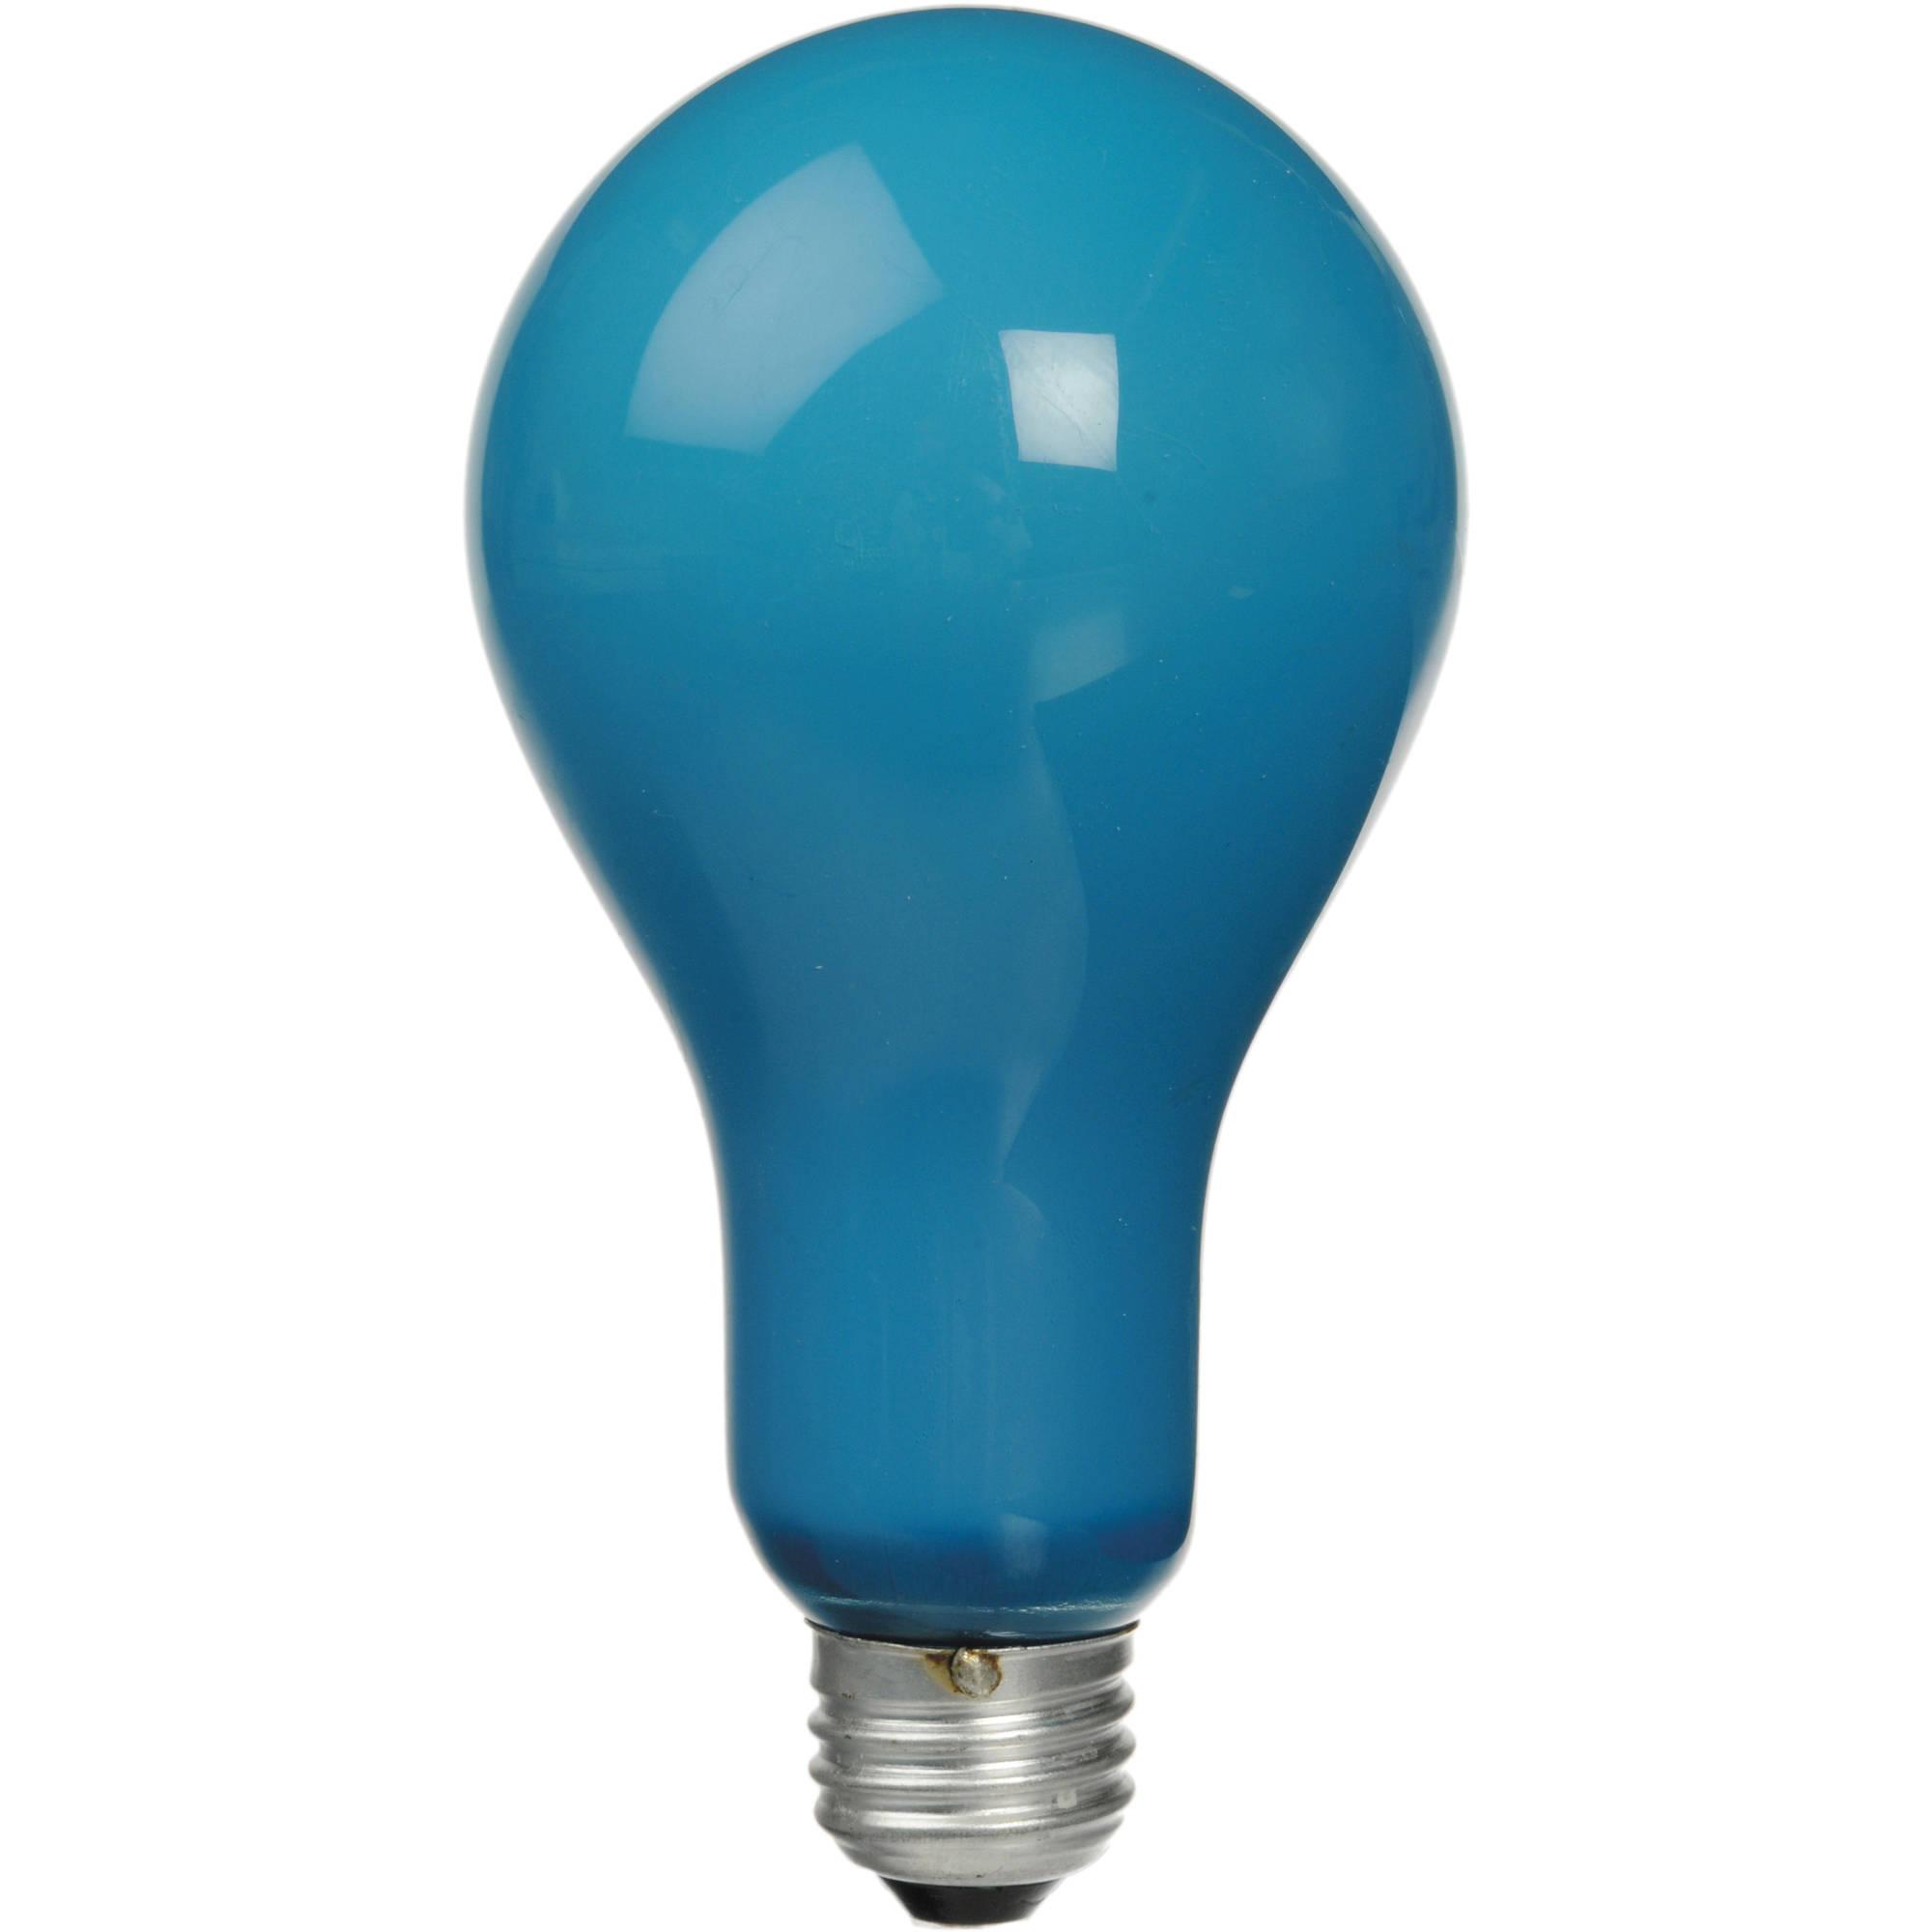 BCA Photoflood Light Bulbs